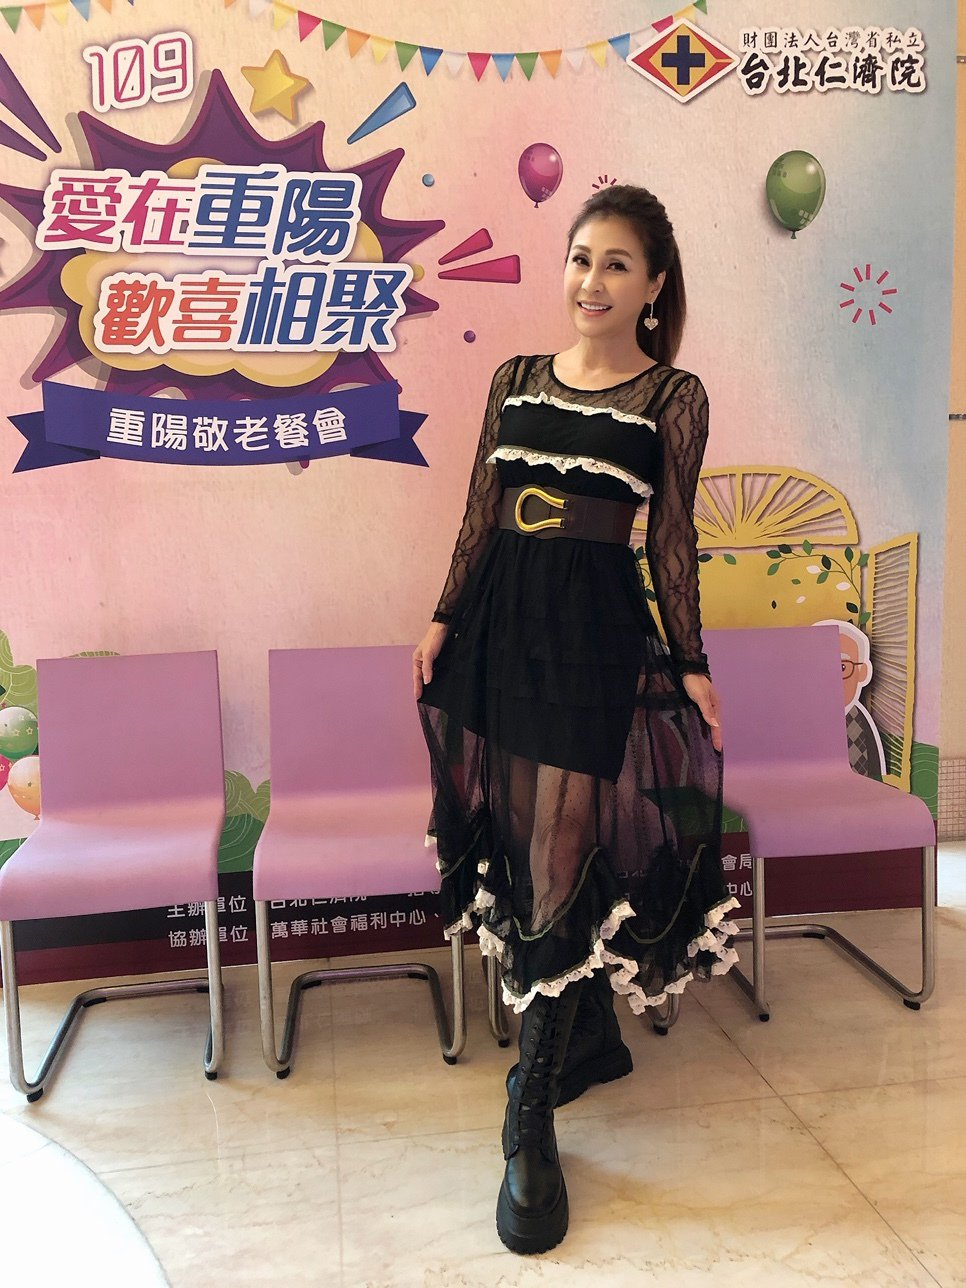 梁佑南保養得宜,女兒27歲了,身材依舊凍齡。圖/民視提供